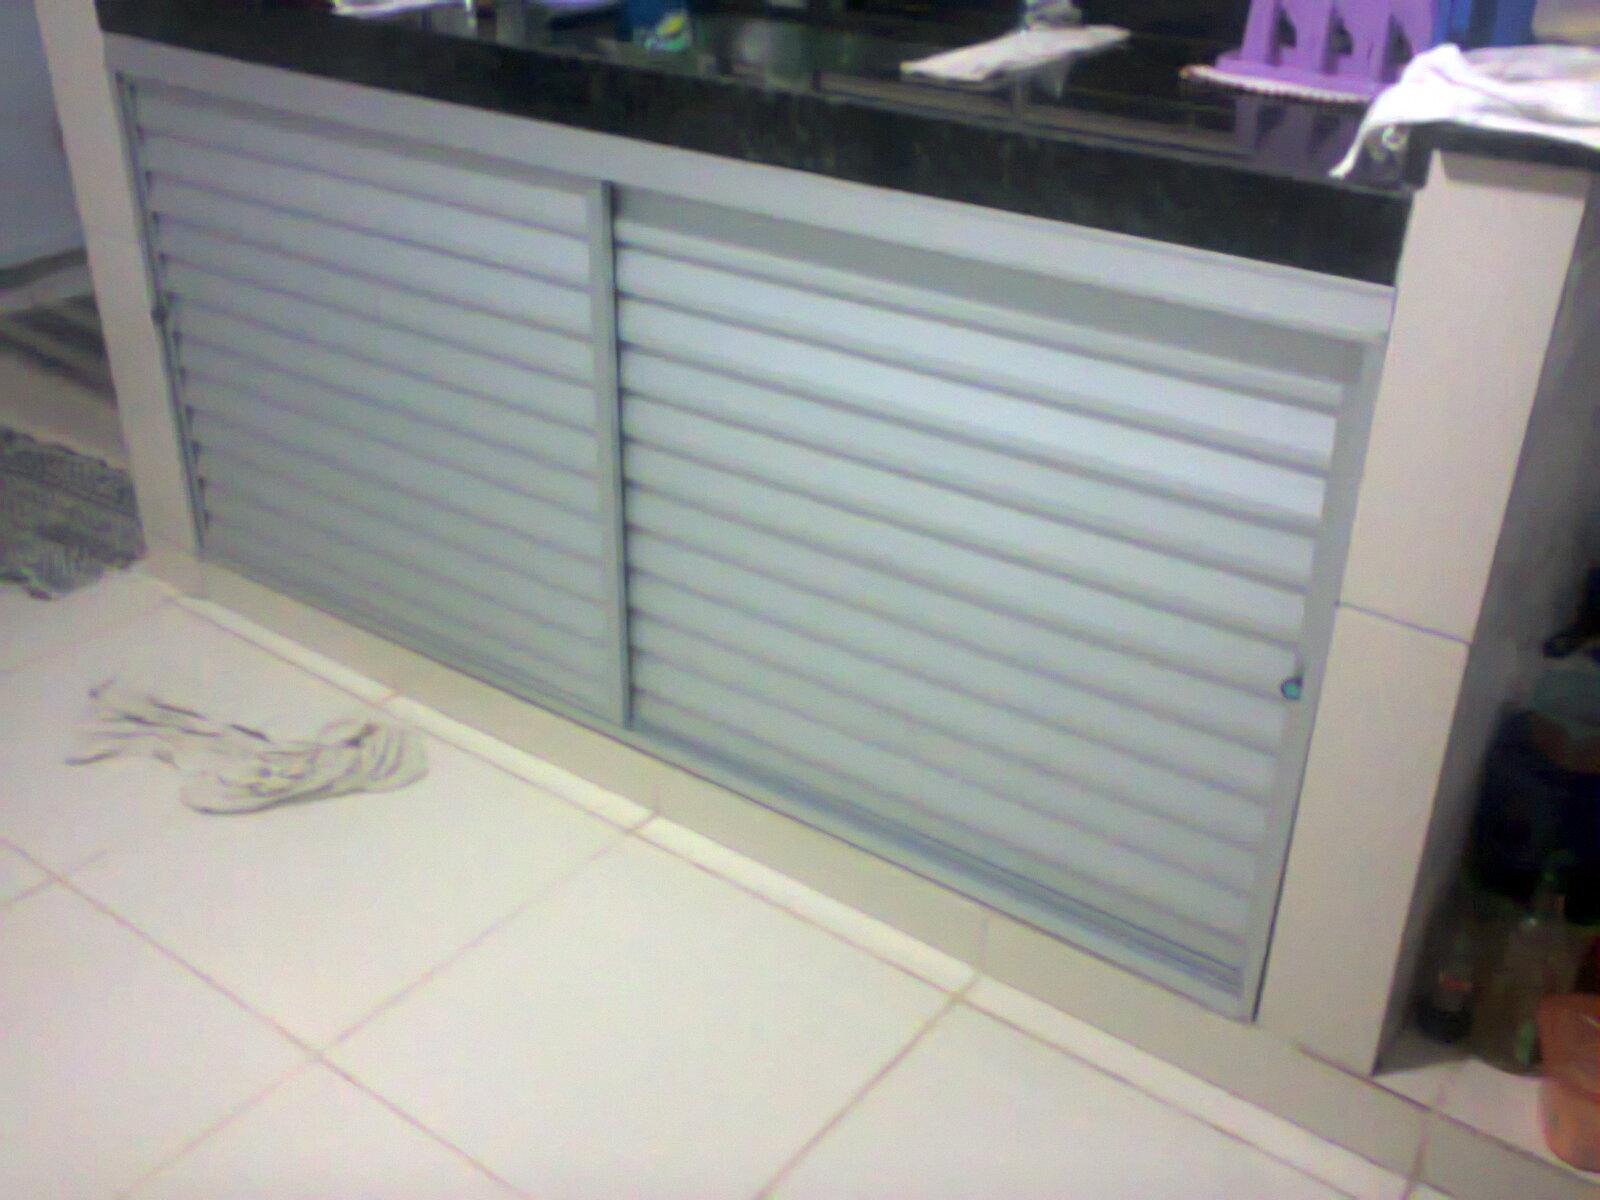 #664338 Postado por WJF Art Vidro e Alumínio Bazar do Alumínio às 17:09 710 Janelas Vidro Duplo Aluminio Ou Pvc